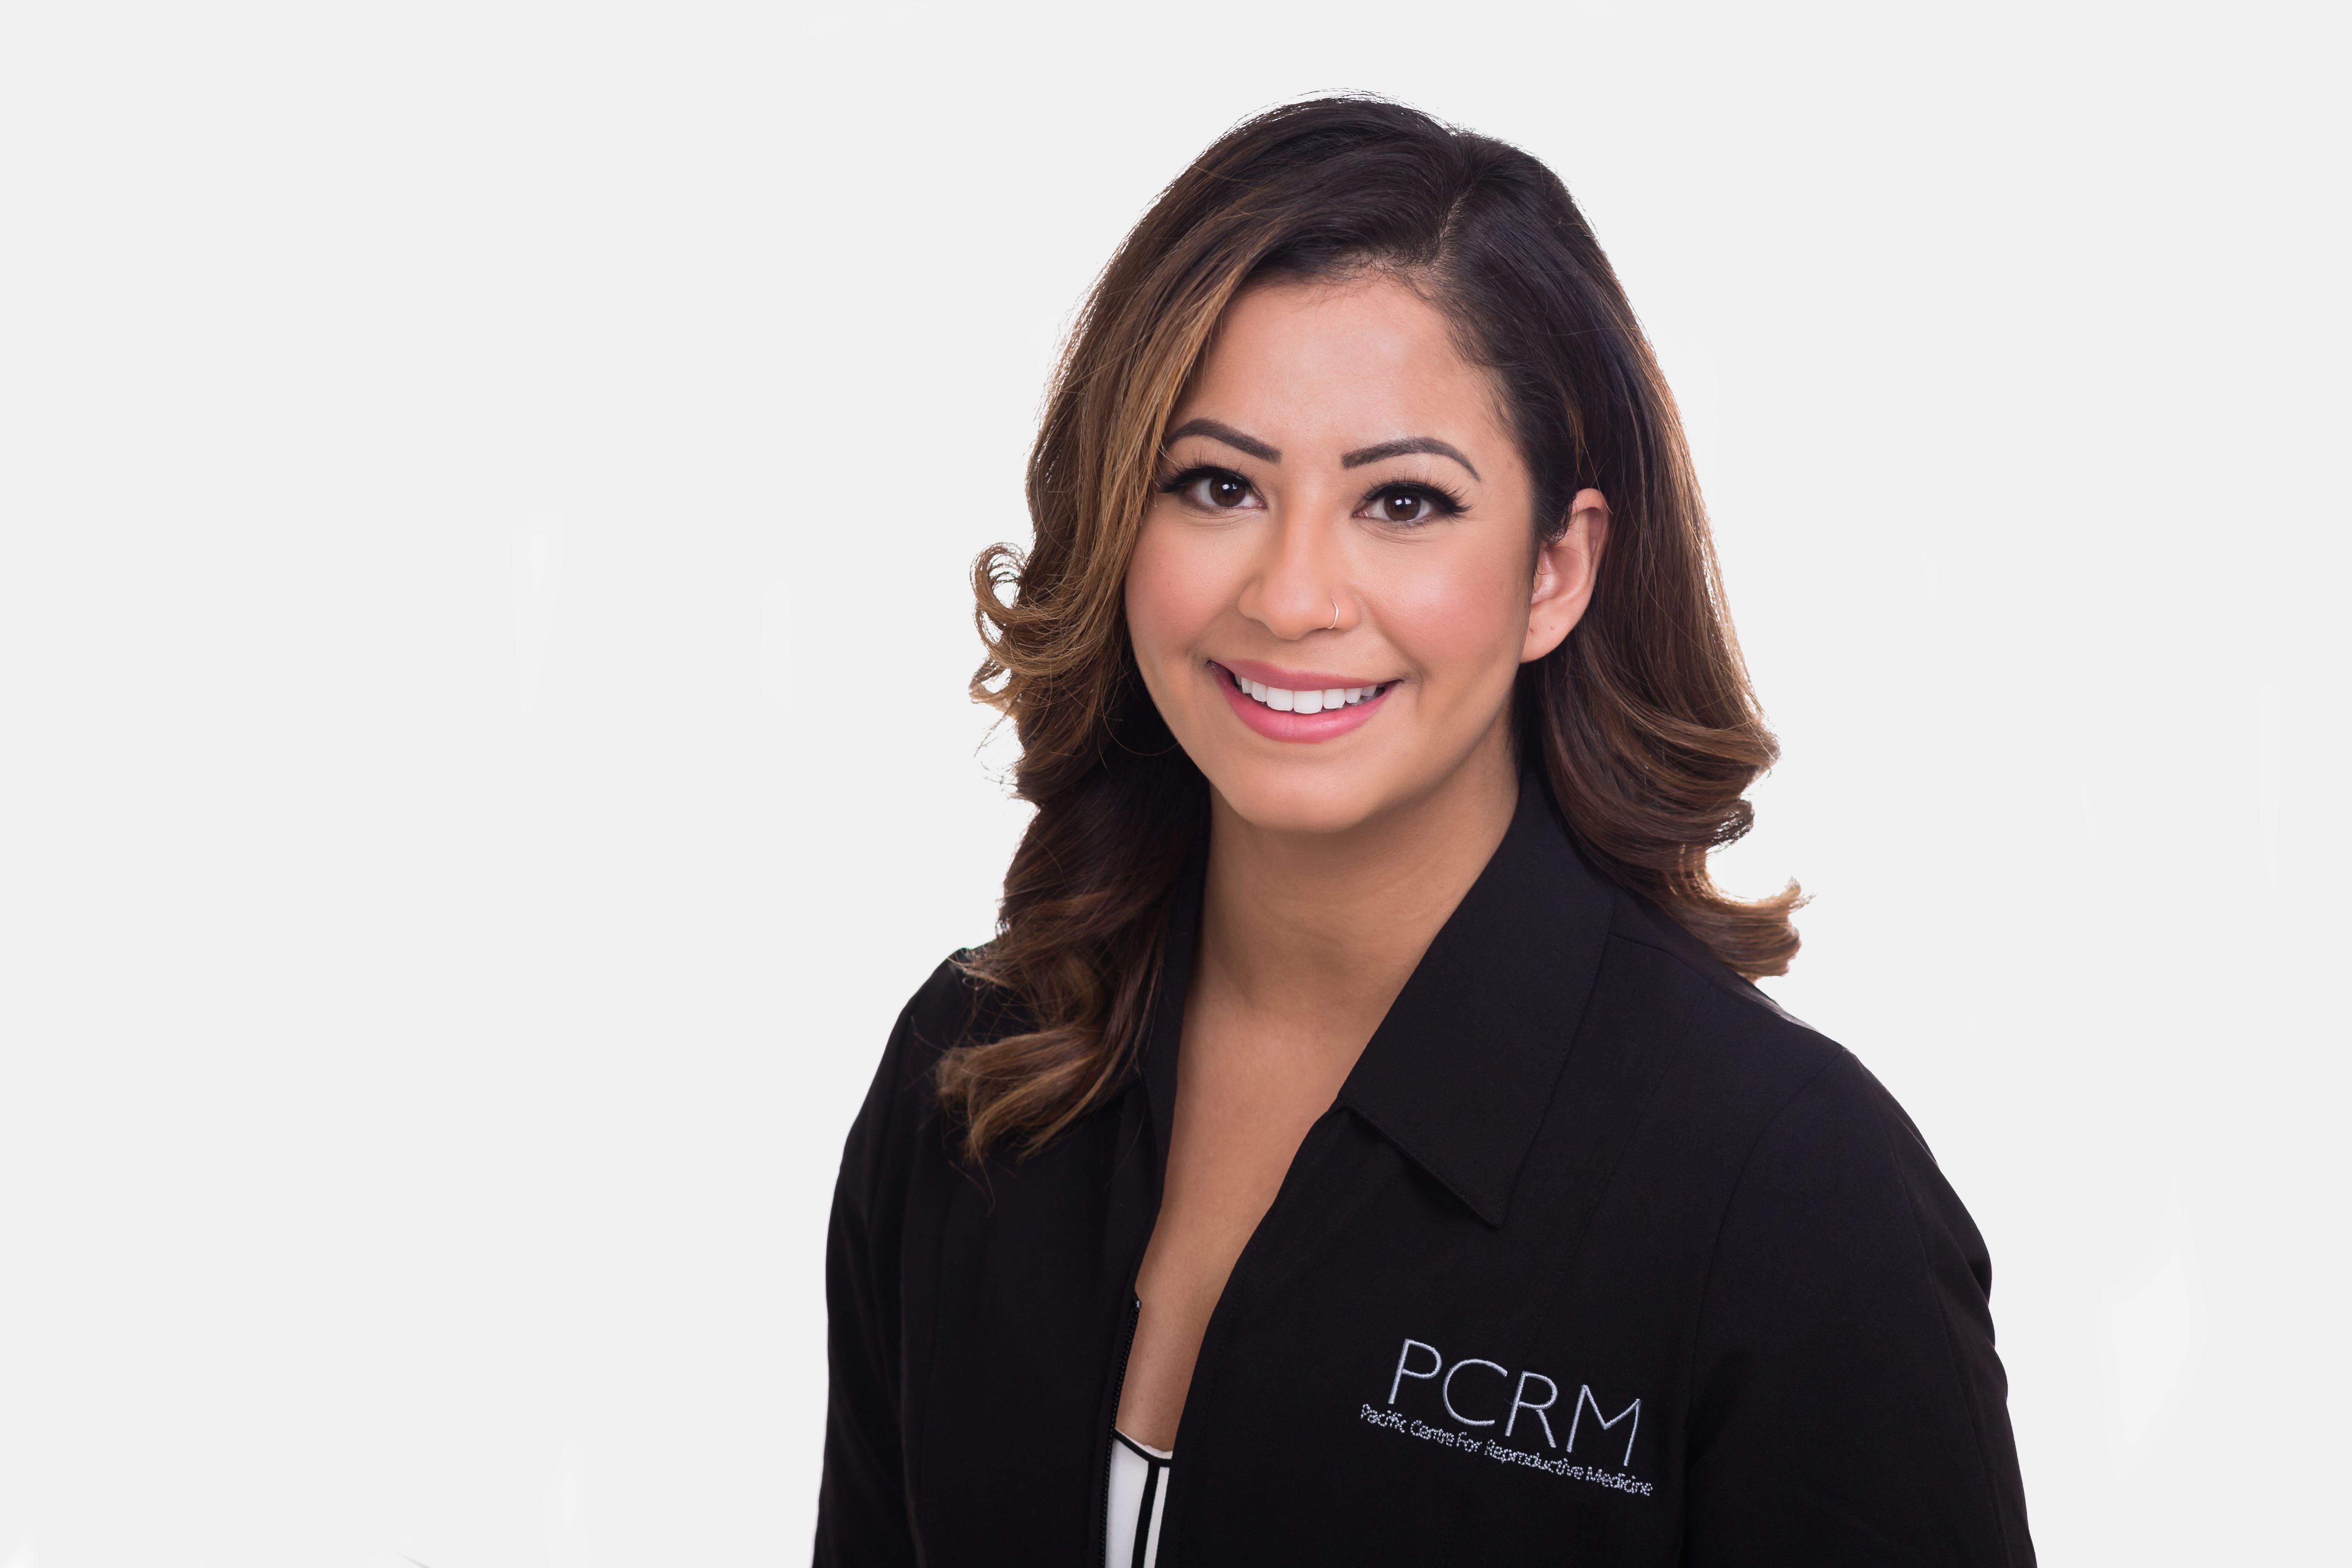 PCRM's fertility nurse, Marta